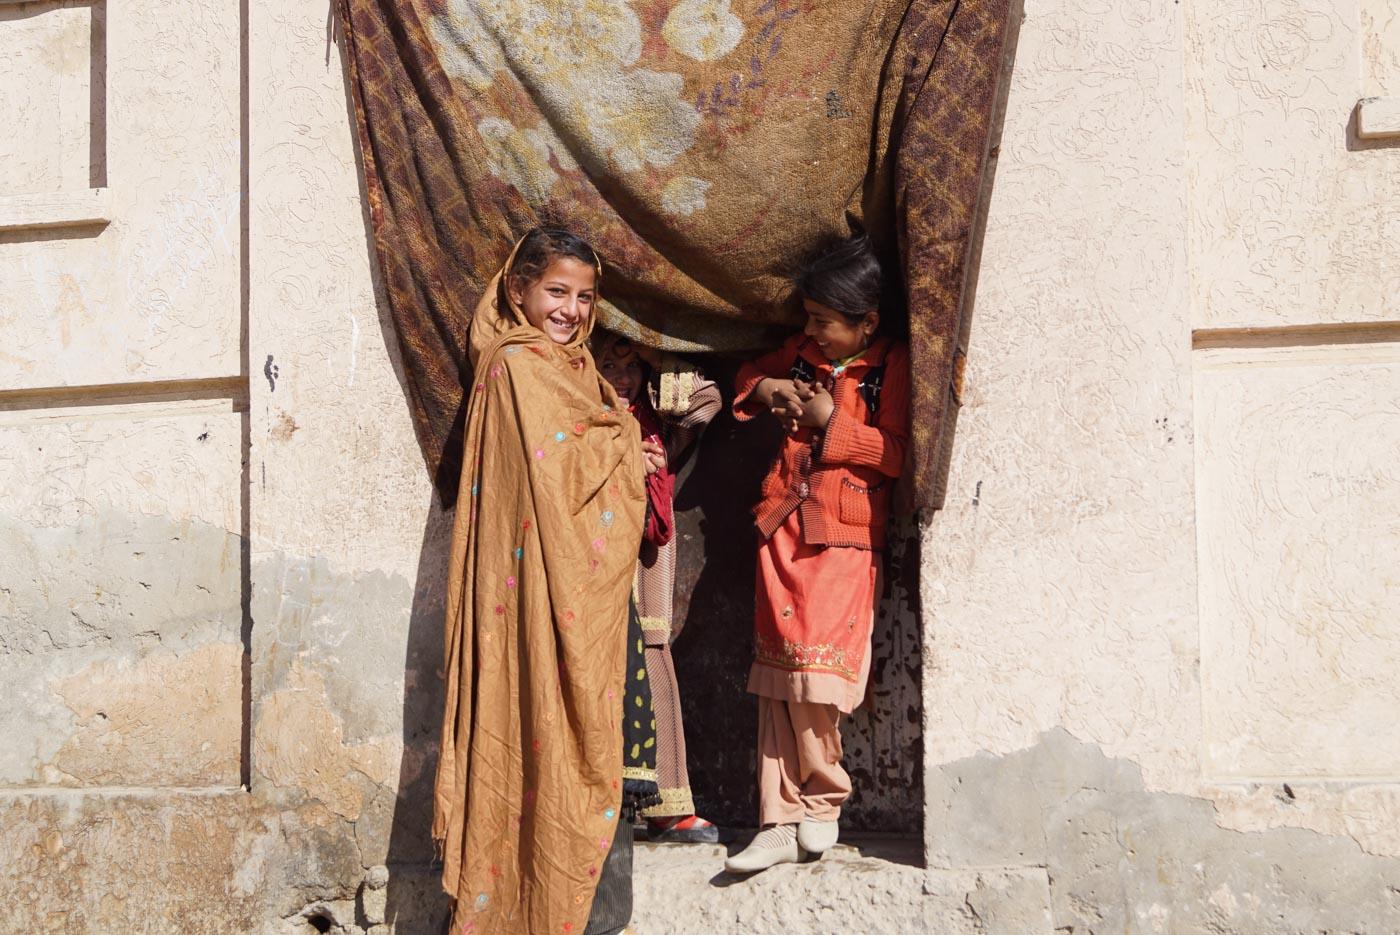 In der Polizei Enklave von Quetta stehen vor einem Hauseingang der mit einem Vorhang bedeckt ist, drei Mädchen und lachen herzlich in die Kamera. Das eine Mädchen hat ein sehr ausdrucksstarkes Gesicht. Alle drei sind mit traditionellen pakistanischen Gewändern bekleidet.